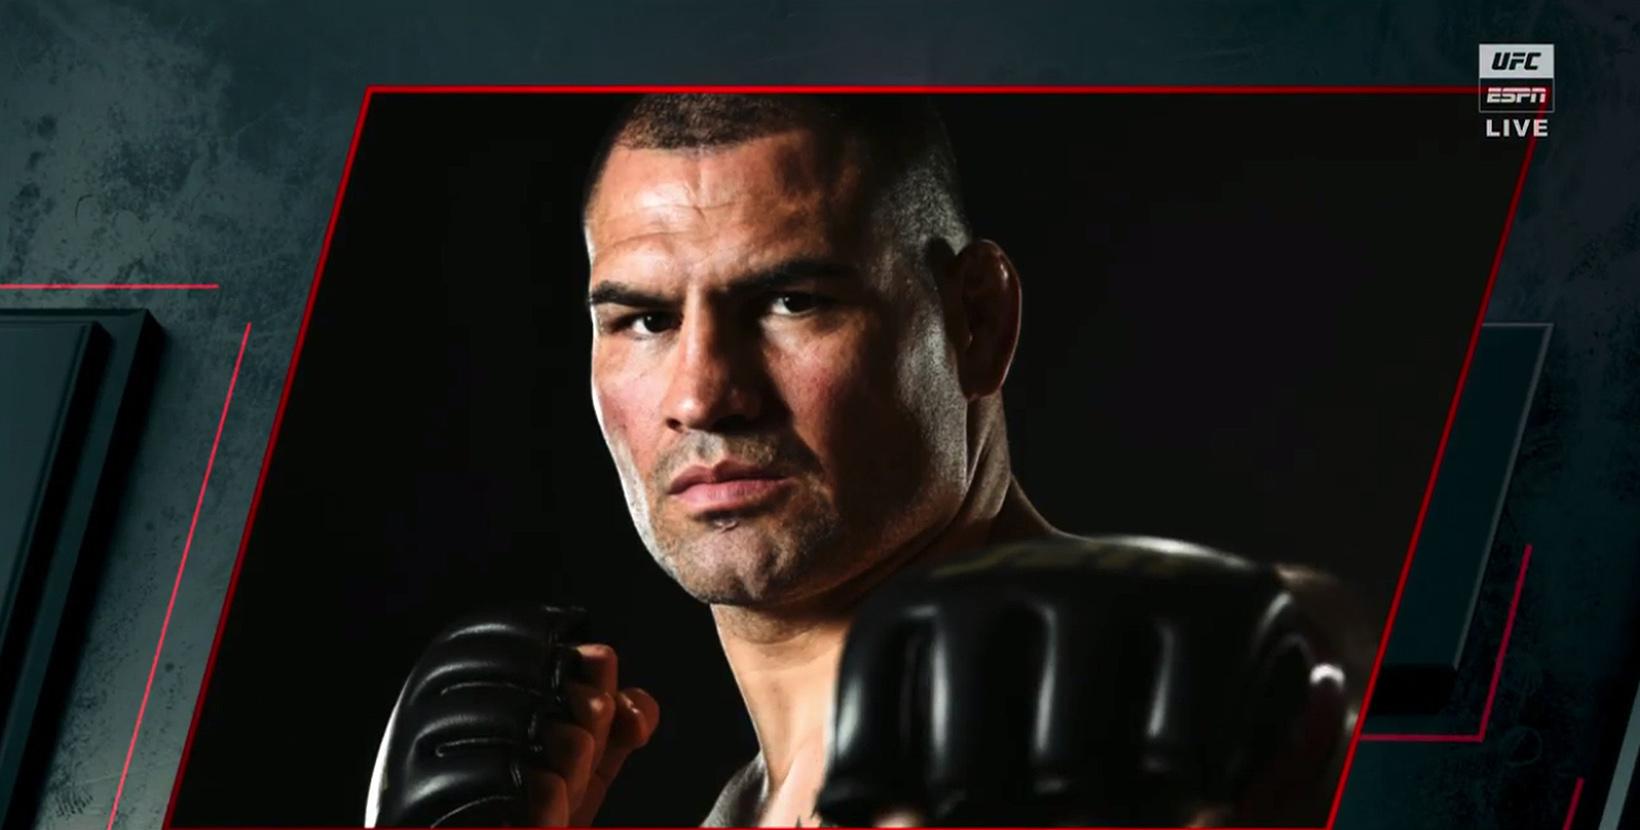 NCS_UFC-ESPN_0028